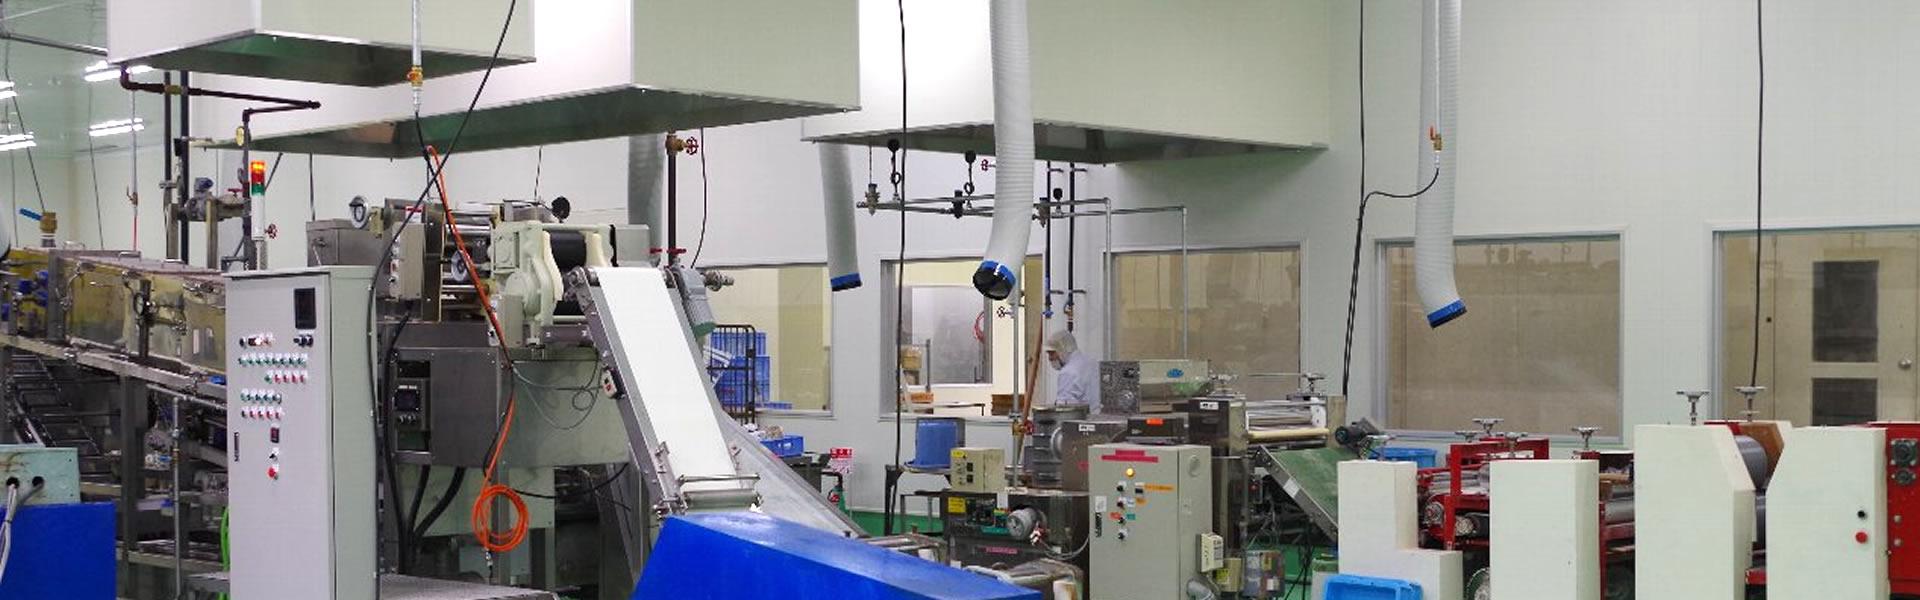 製麺工場のご案内